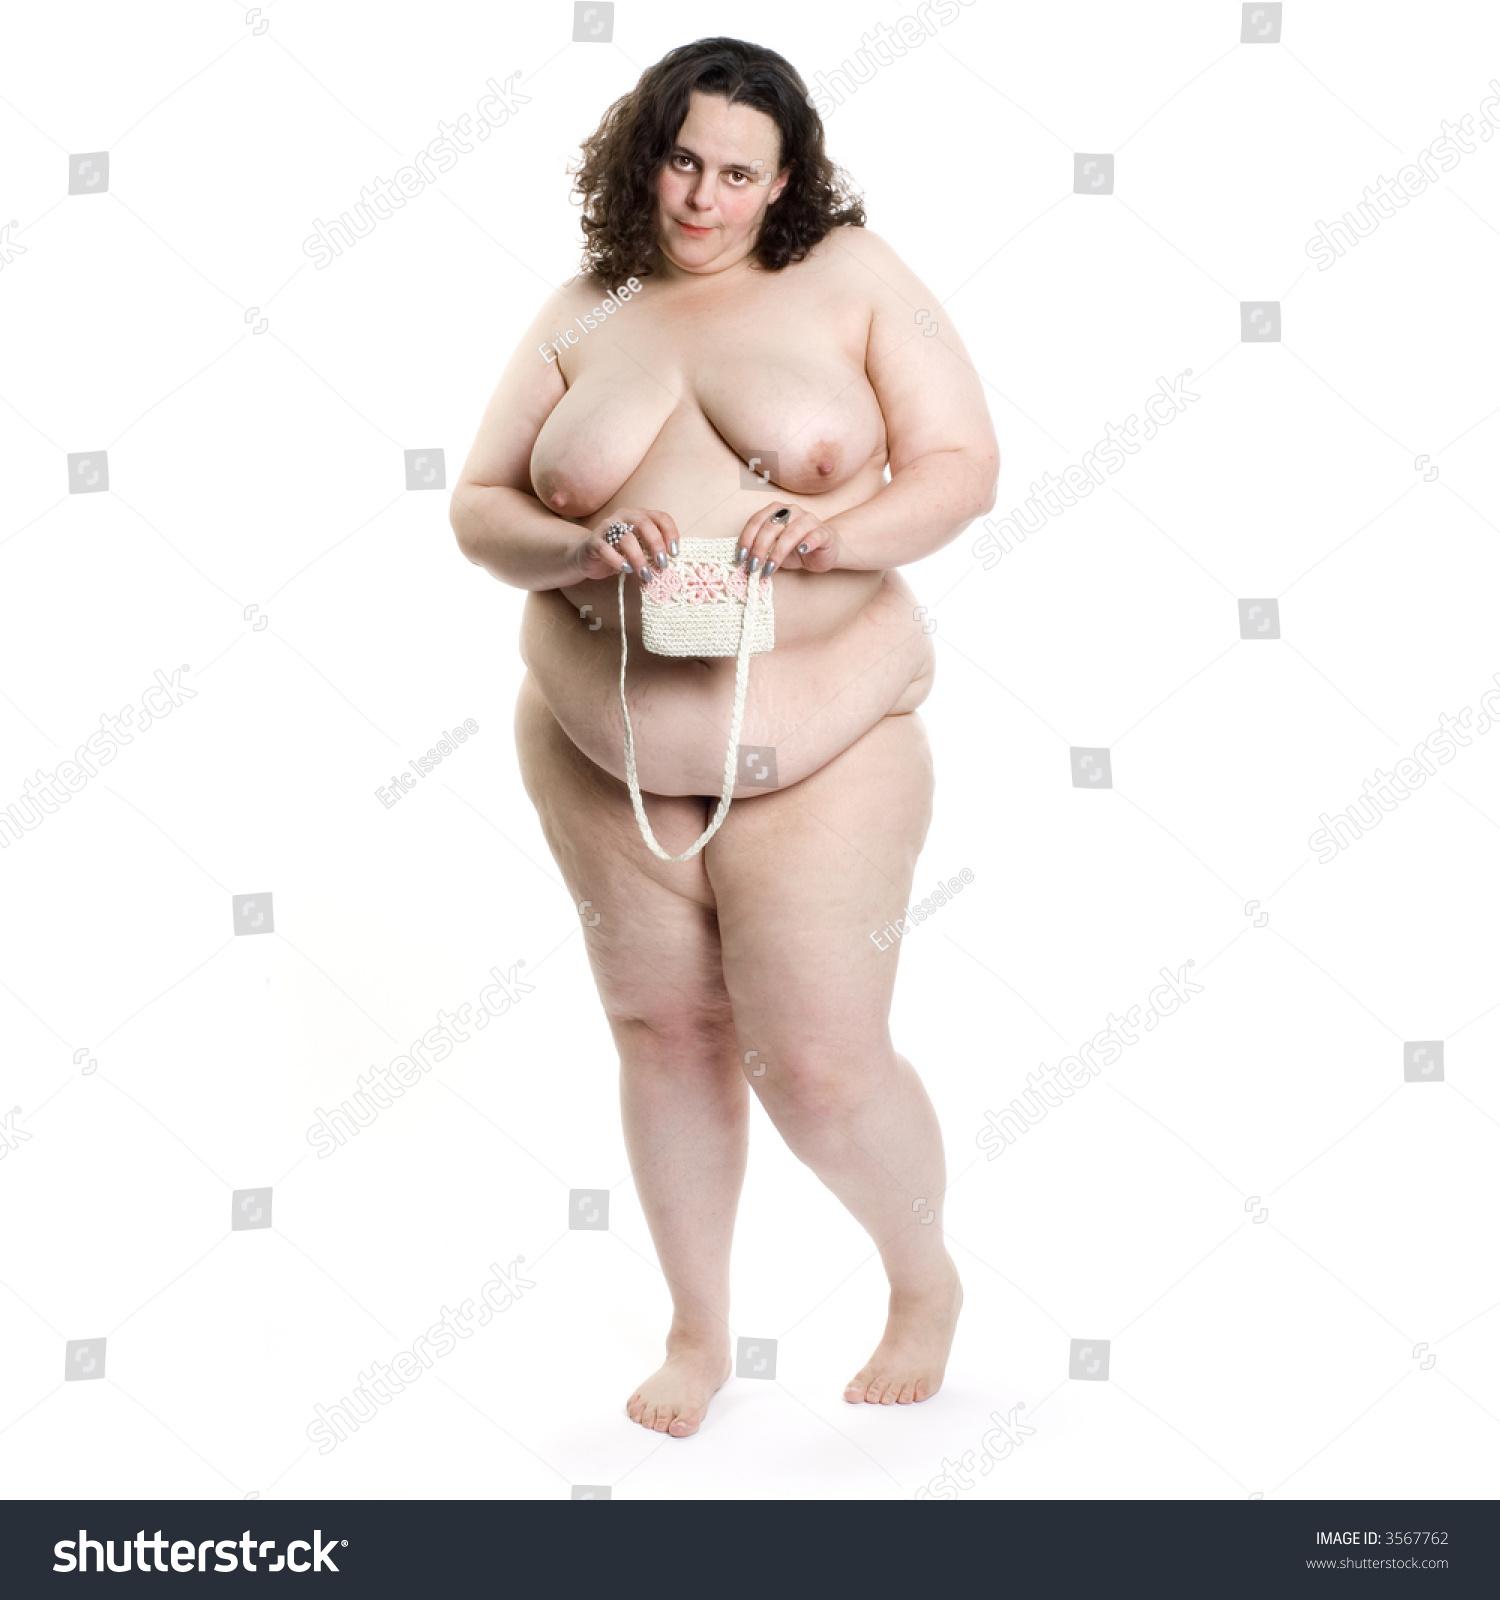 marwadi woman nude photo